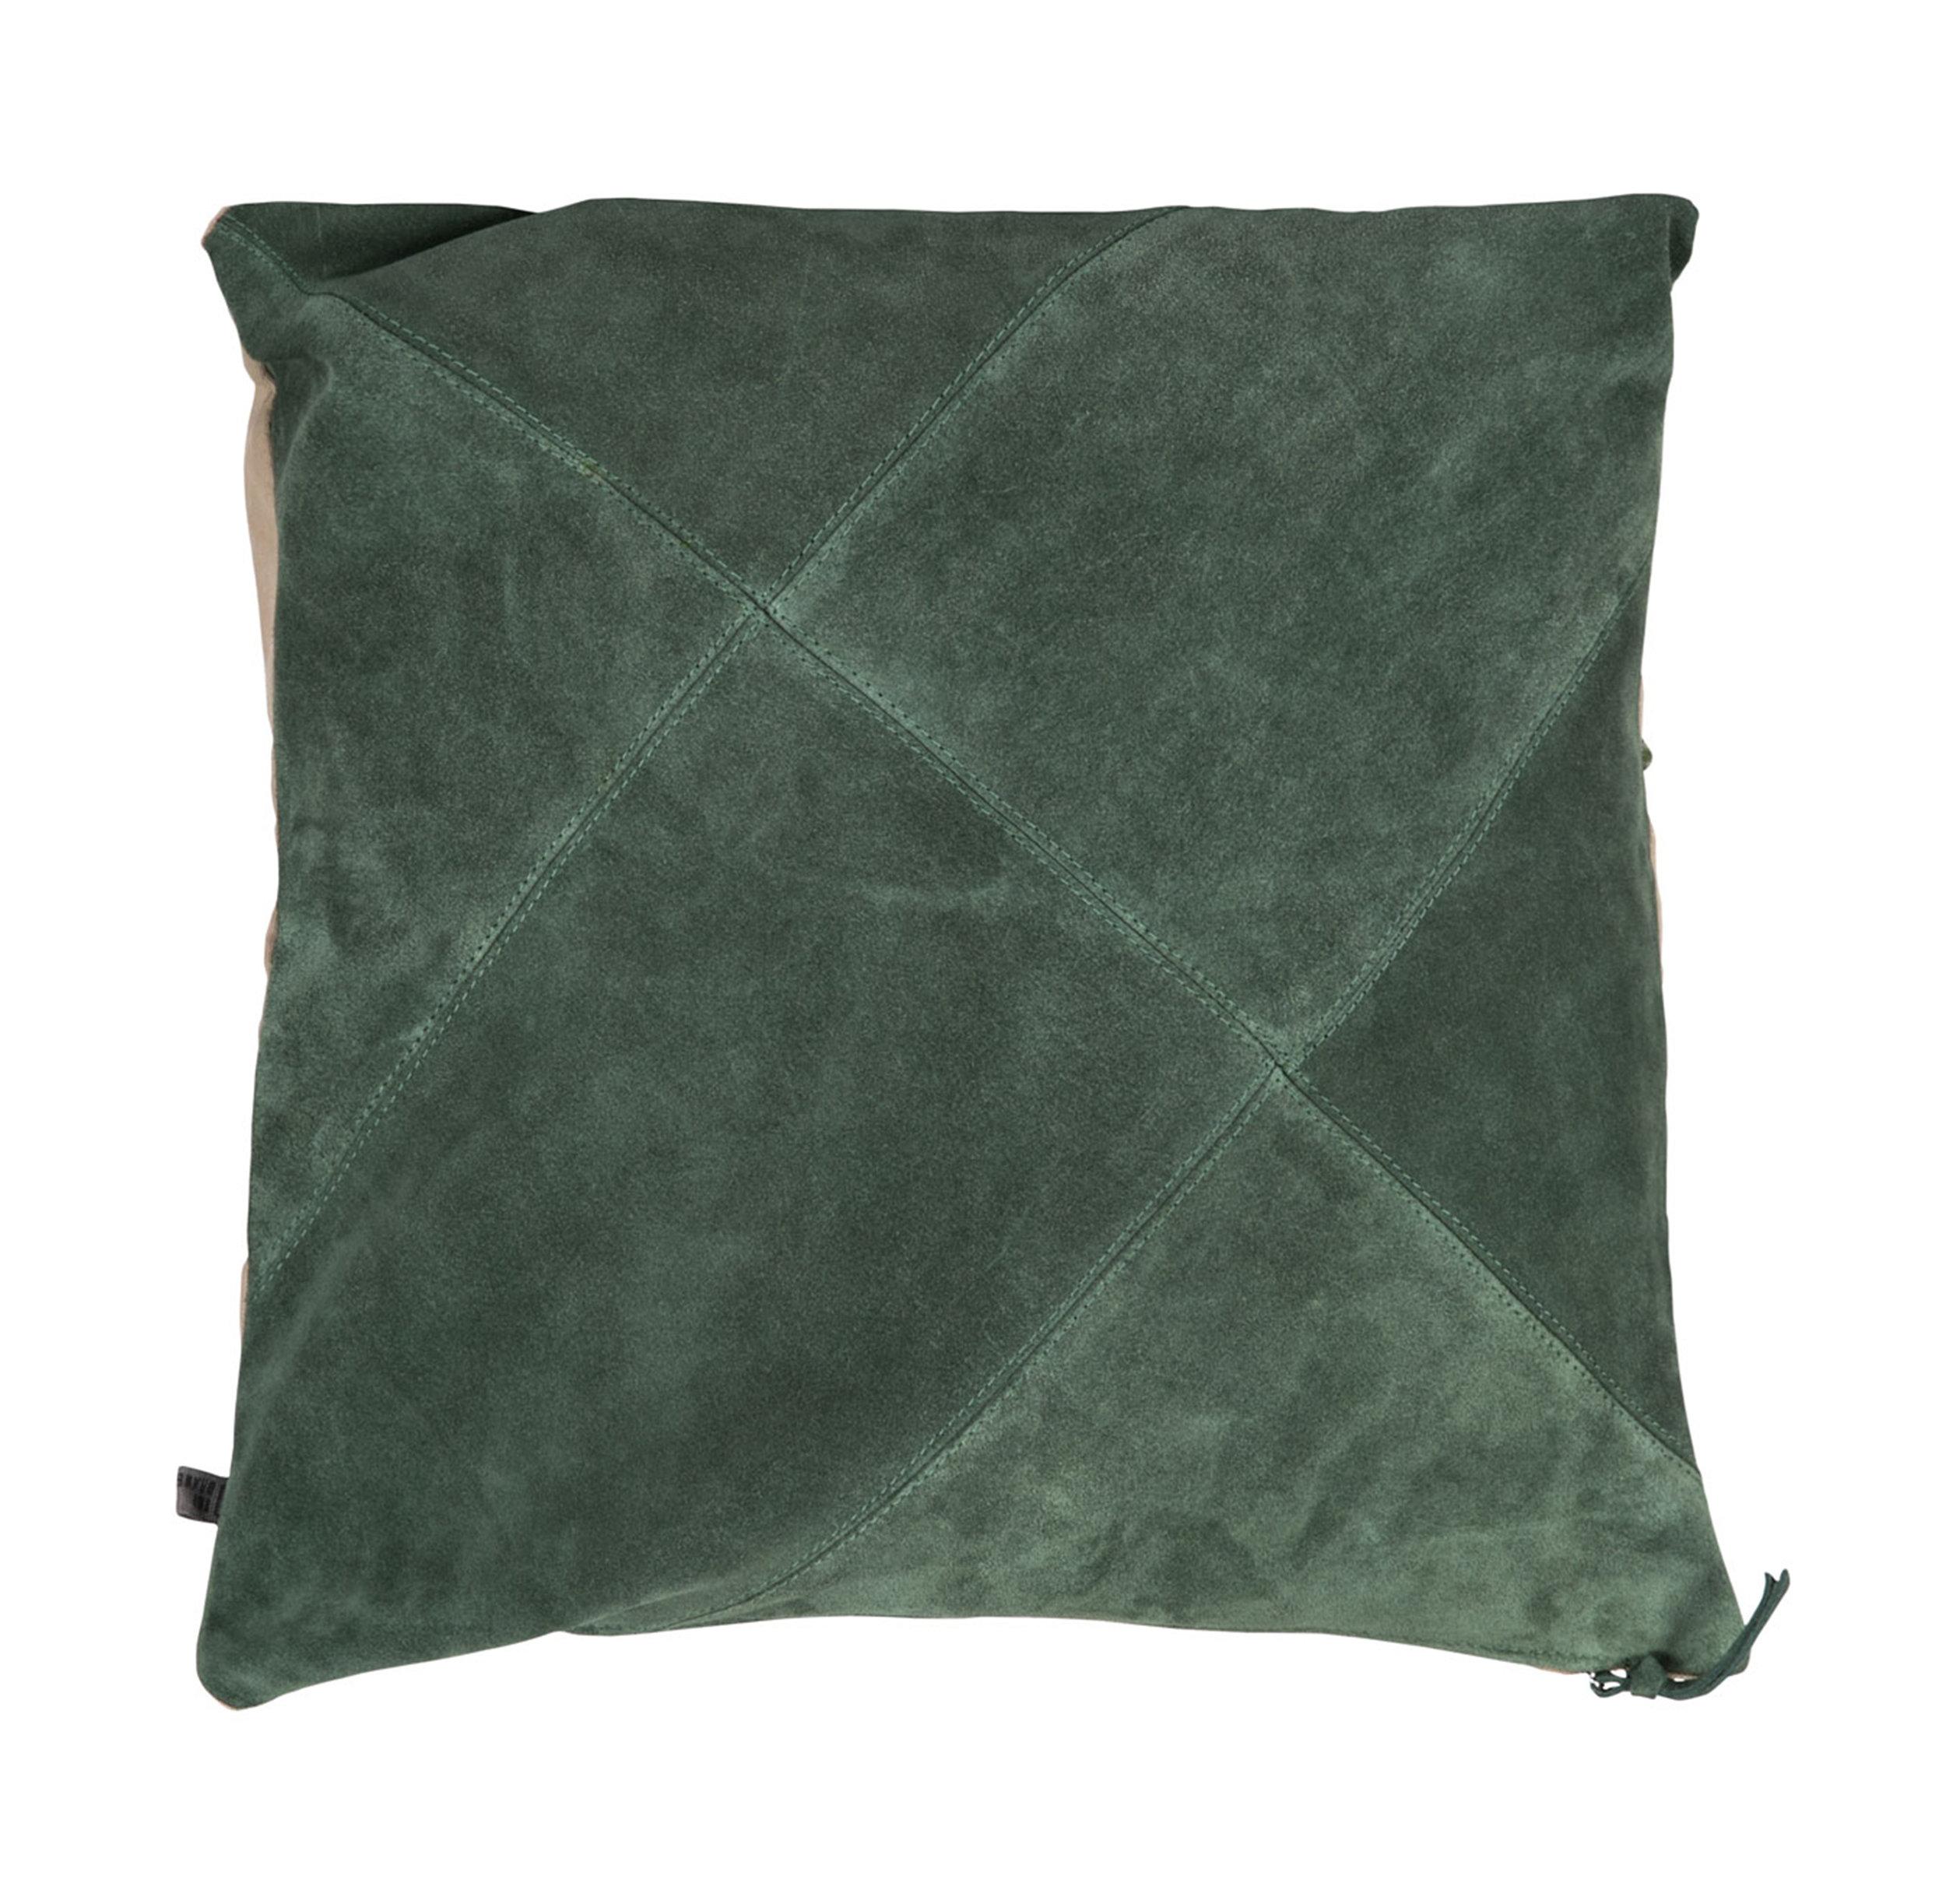 Rafety cushion Foggy green suede 50x50  Wrigley cushion Foggy green suede 60x60